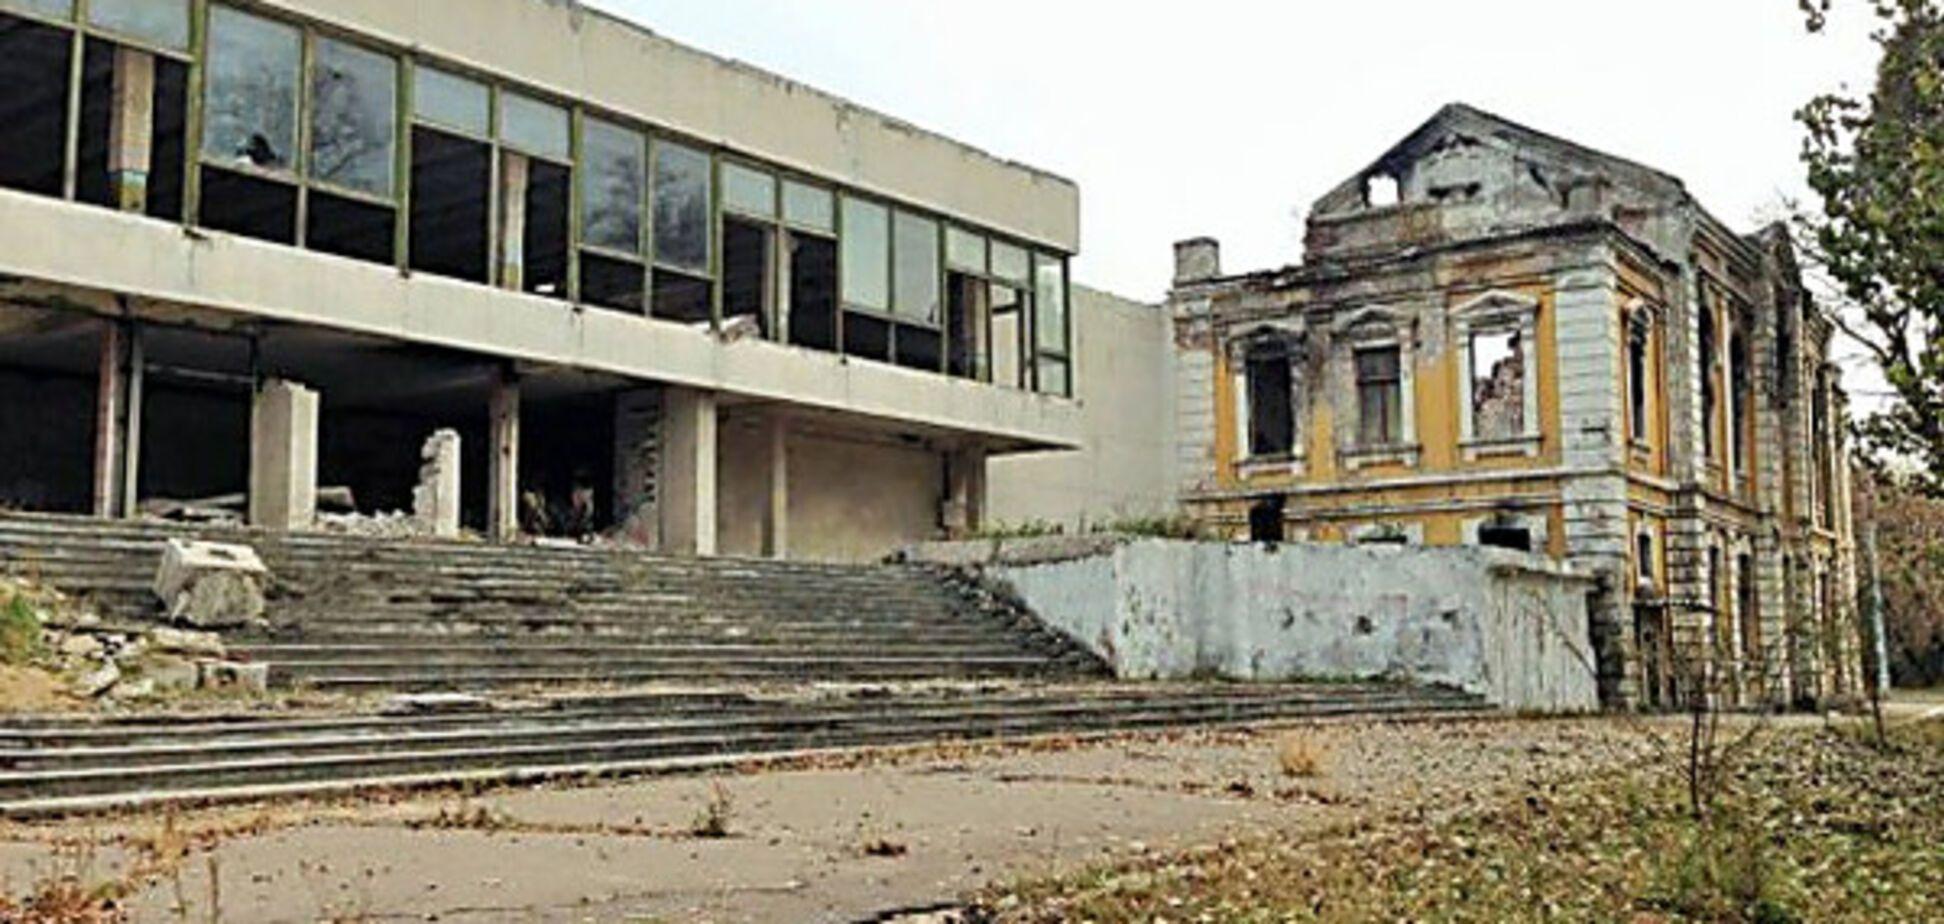 'Руины, мертвые цеха и безработица': в 'ЛНР' рассказали о жизни в оккупации